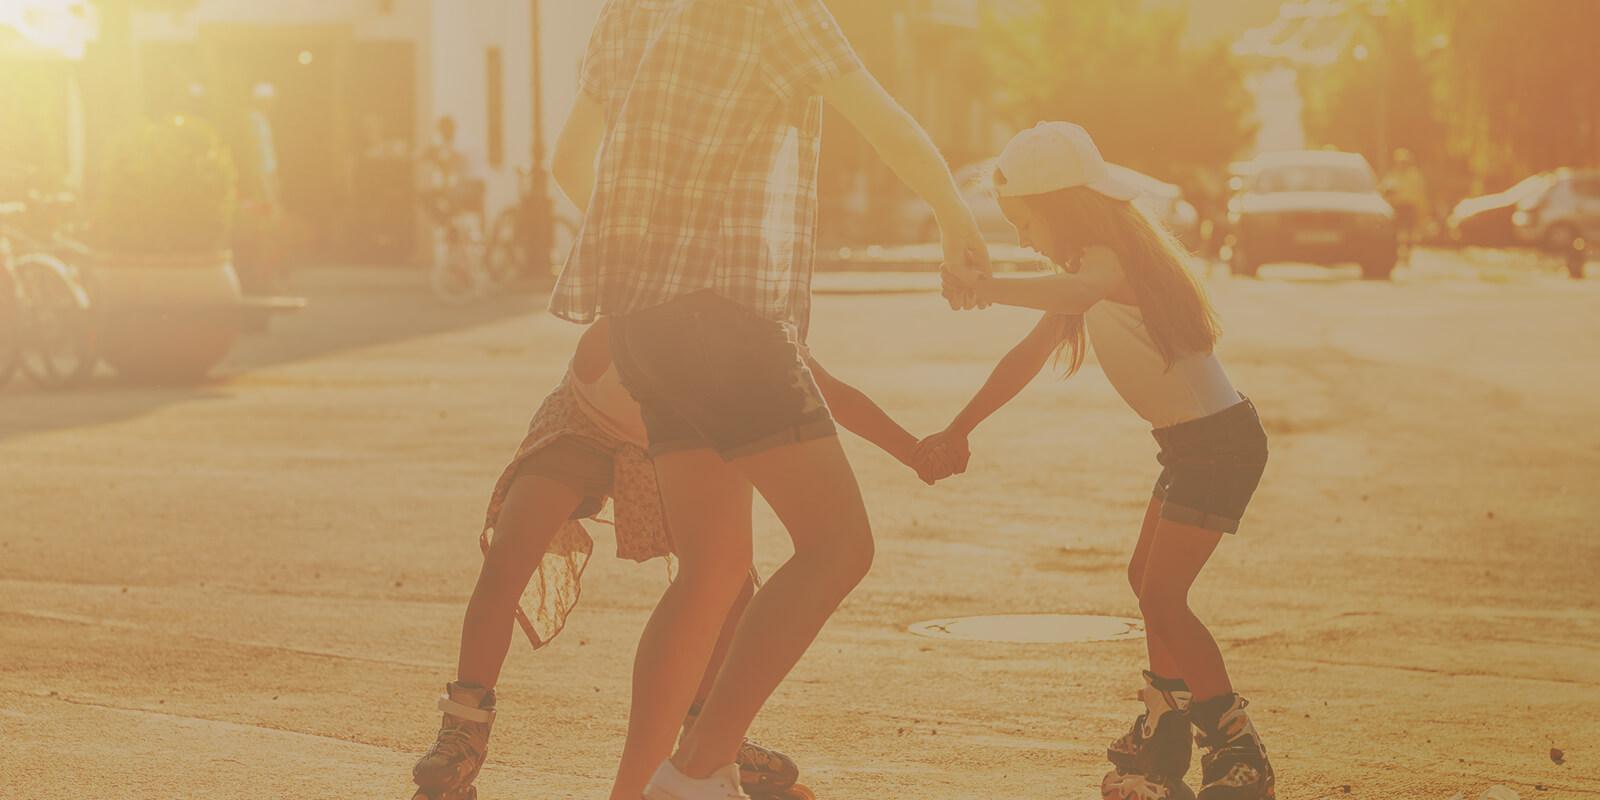 Creative church outreach ideas for summer